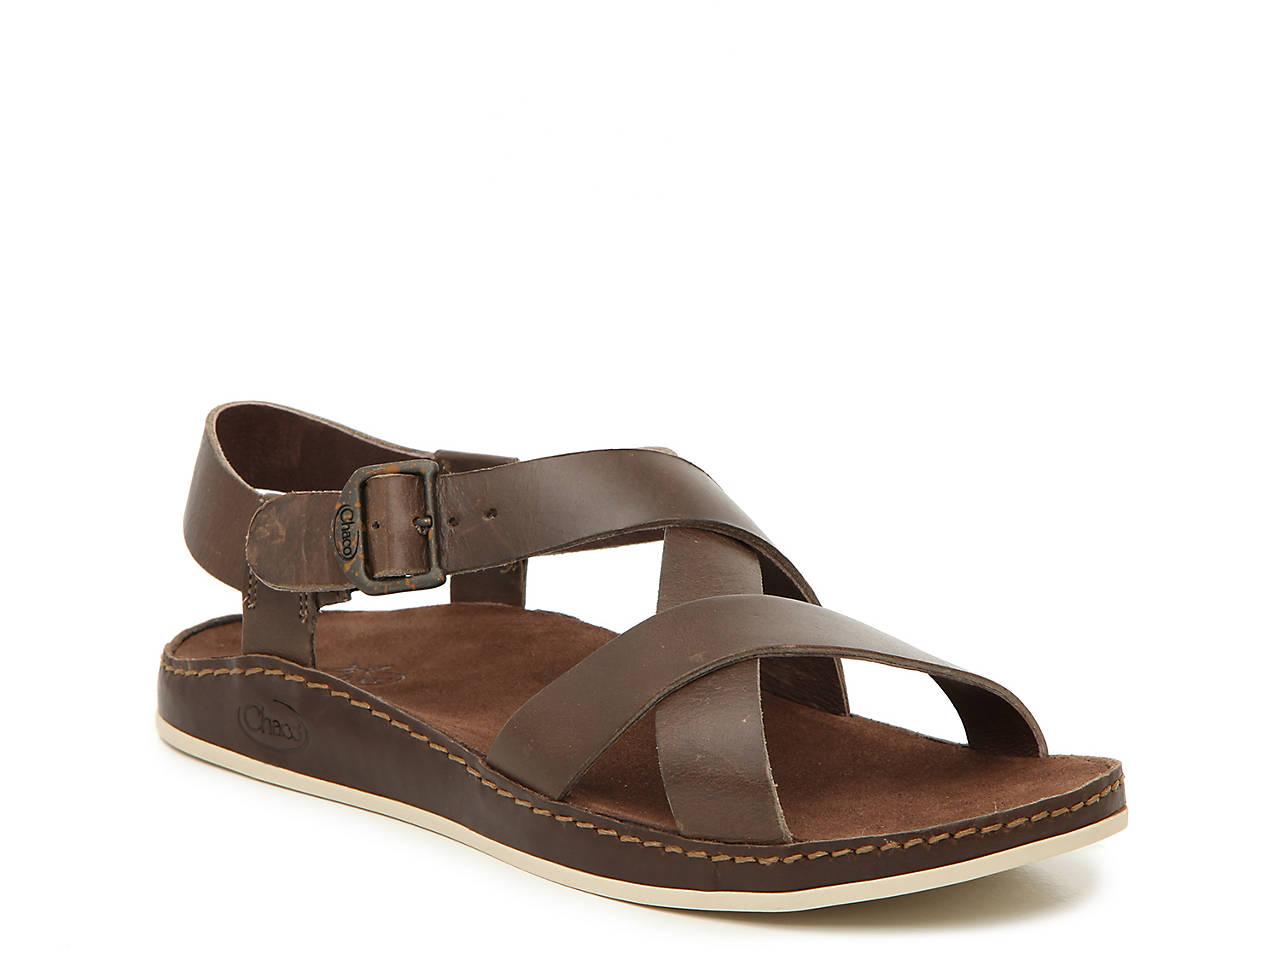 0f72c0b39834 Chaco Wayfarer Sandal Women s Shoes